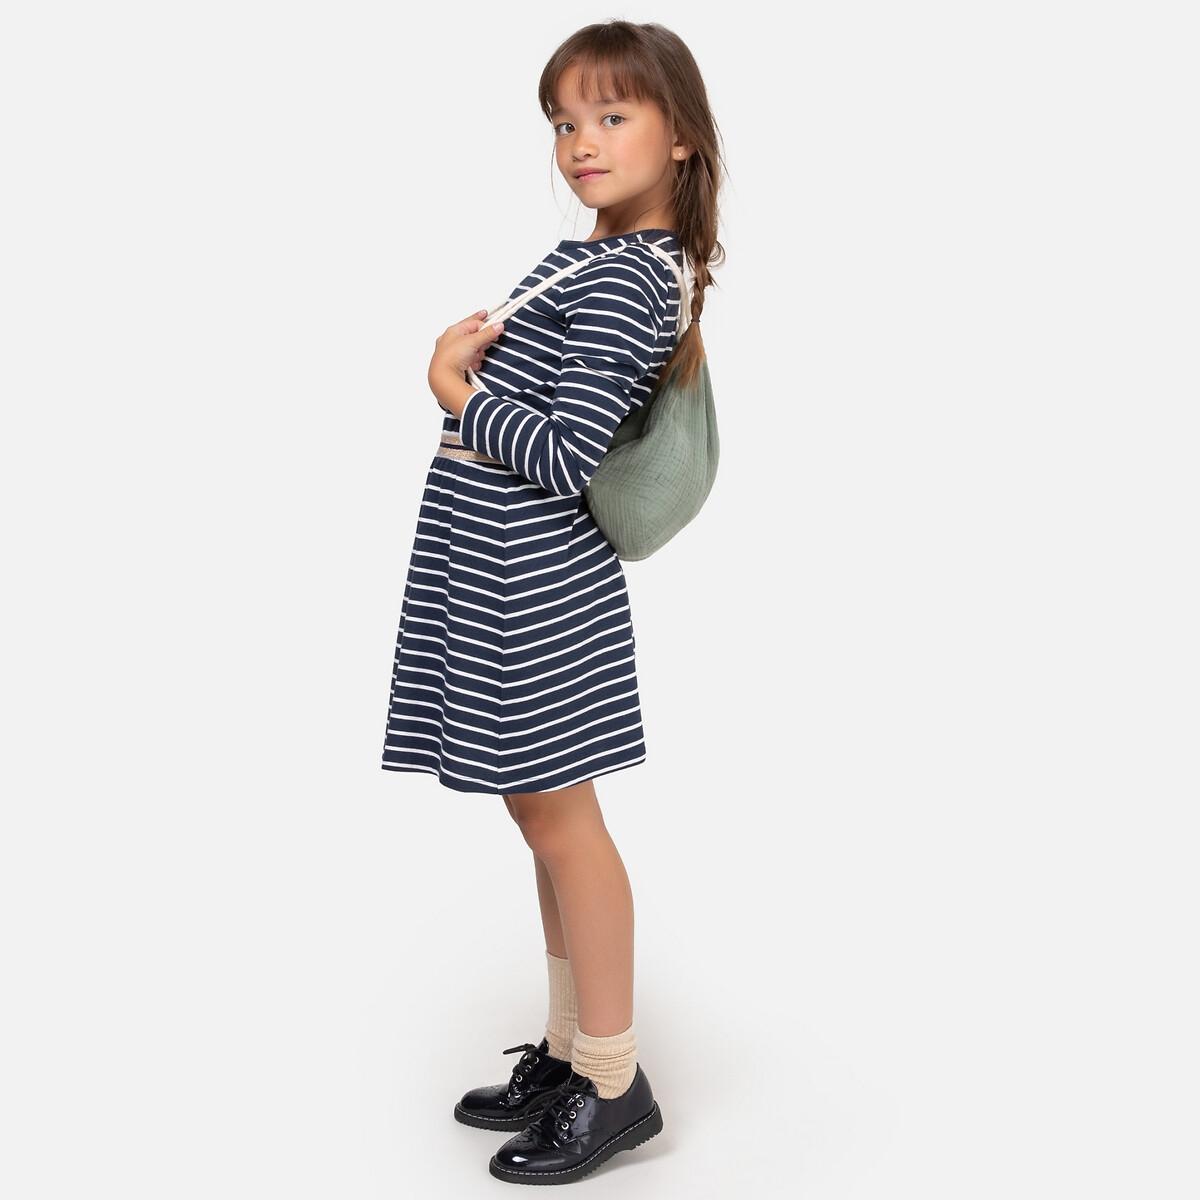 Платье LaRedoute В полоску с длинными рукавами 3-12 лет 3 года - 94 см синий блузка laredoute с длинными рукавами и отделкой макраме 3 12 лет 4 года 102 см бежевый